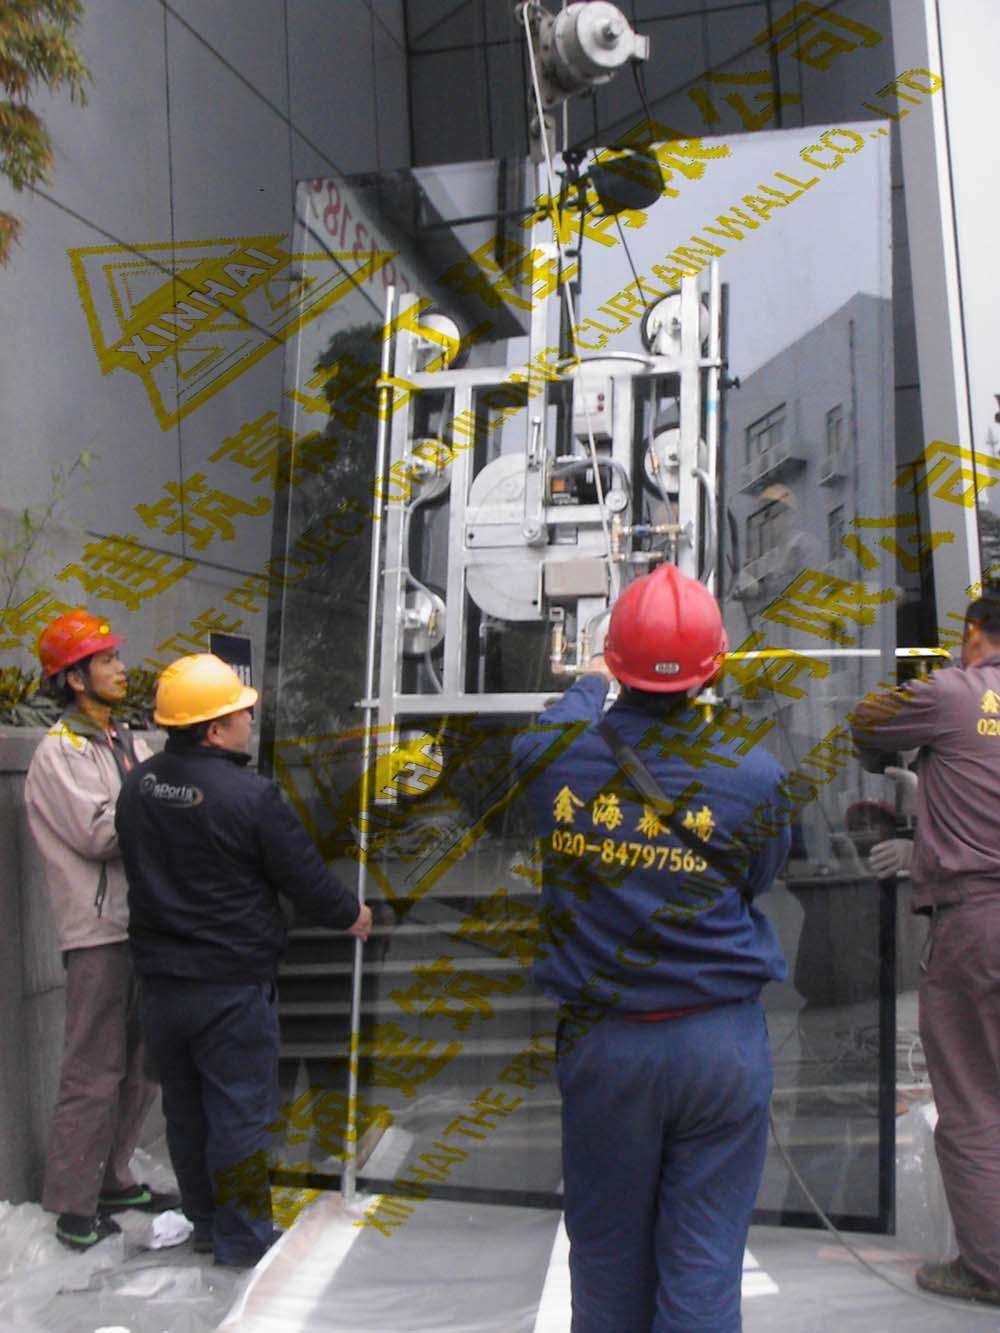 广州提供好的幕墙玻璃安装服务 -幕墙维修